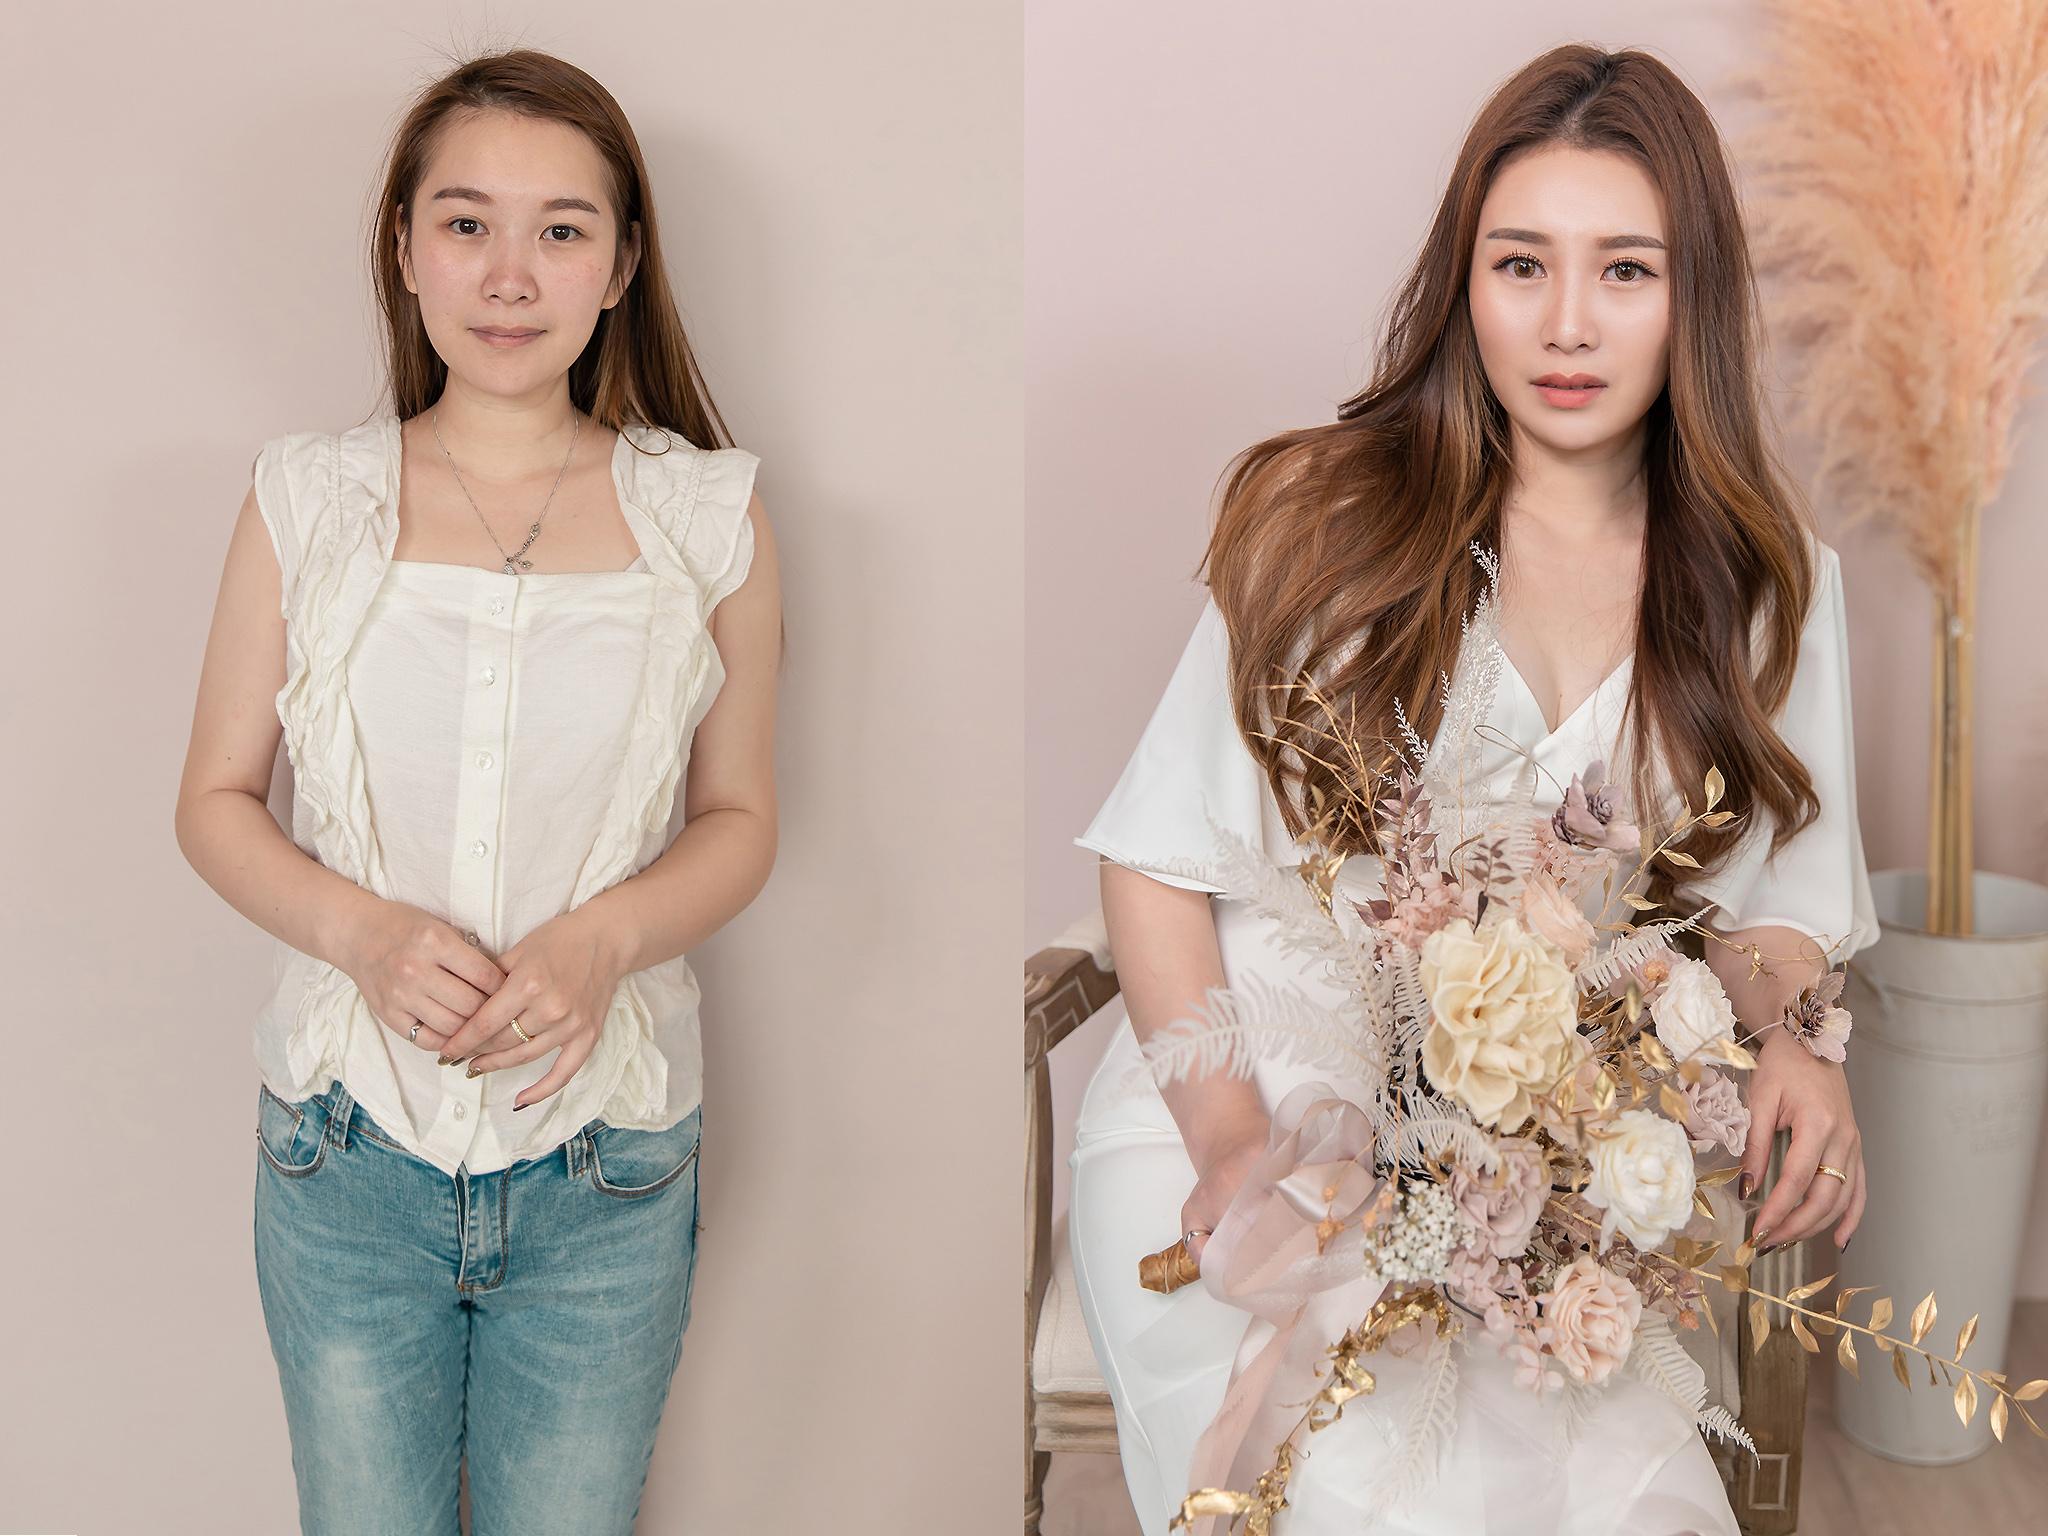 新秘Yuki,新娘秘書,新秘,新娘造型, 眼型調整,高雄新秘,素人改造,妝前妝後